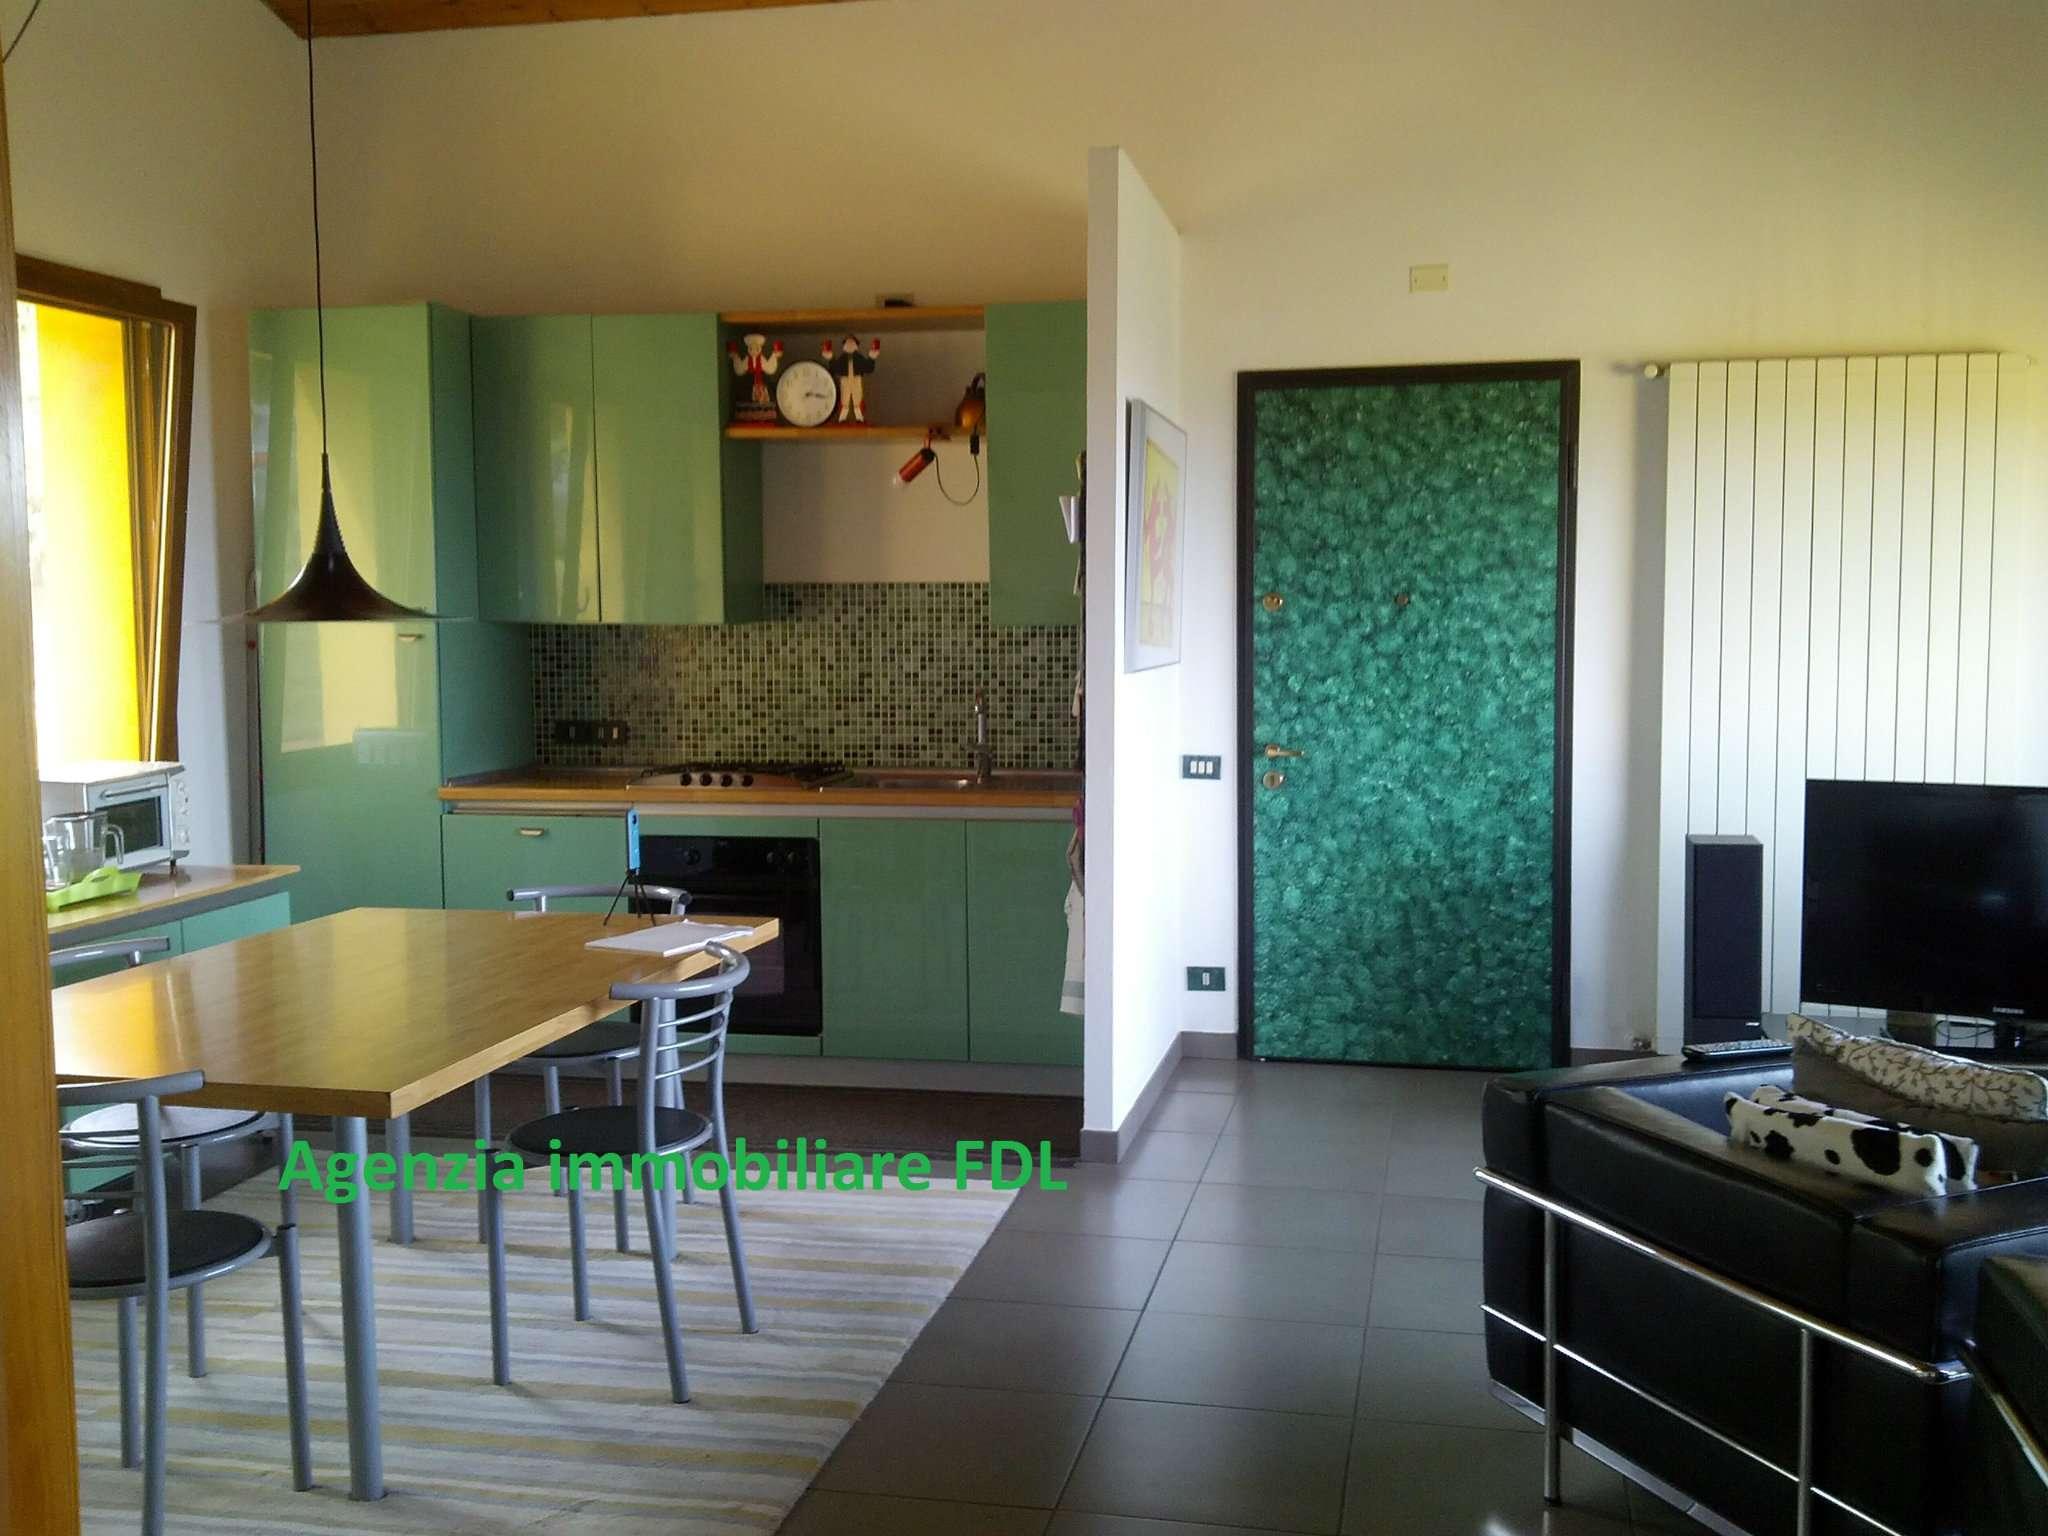 Soluzione Indipendente in vendita a Chianni, 6 locali, prezzo € 480.000 | CambioCasa.it